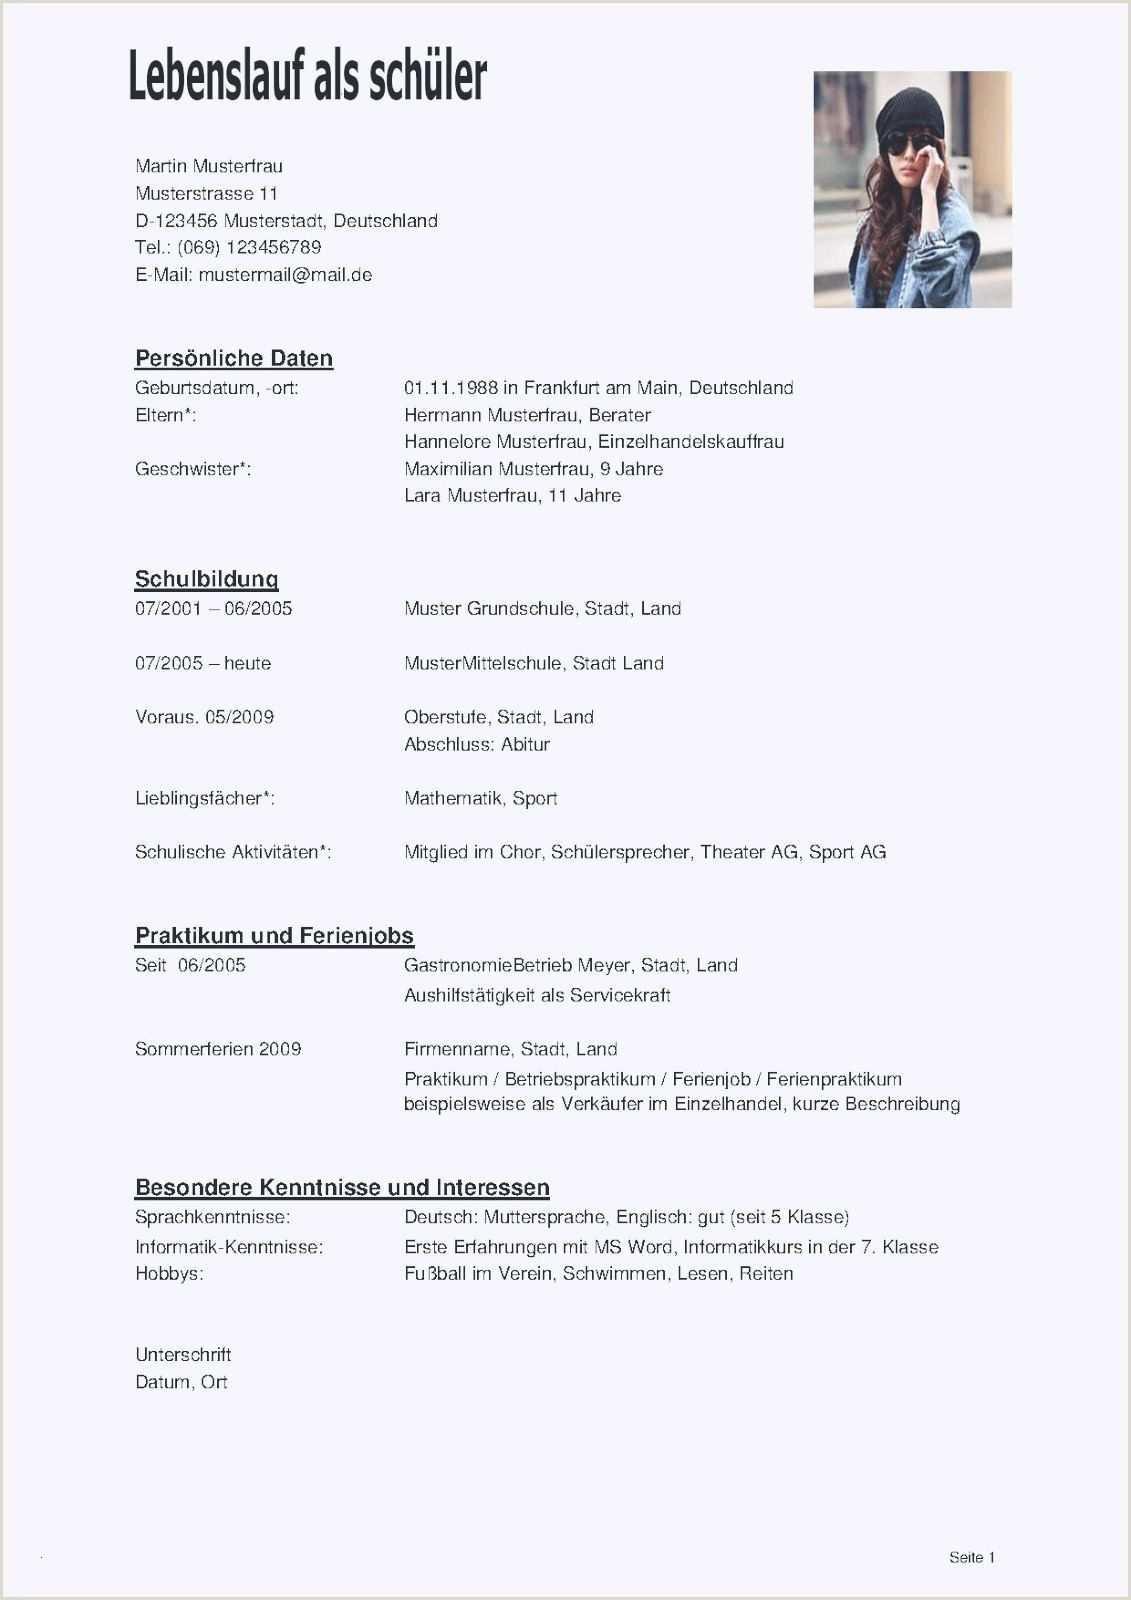 Lebenslauf Auf Englisch Muster Word Lebenslauf Vorlagen Lebenslauf Lebenslauf Muster